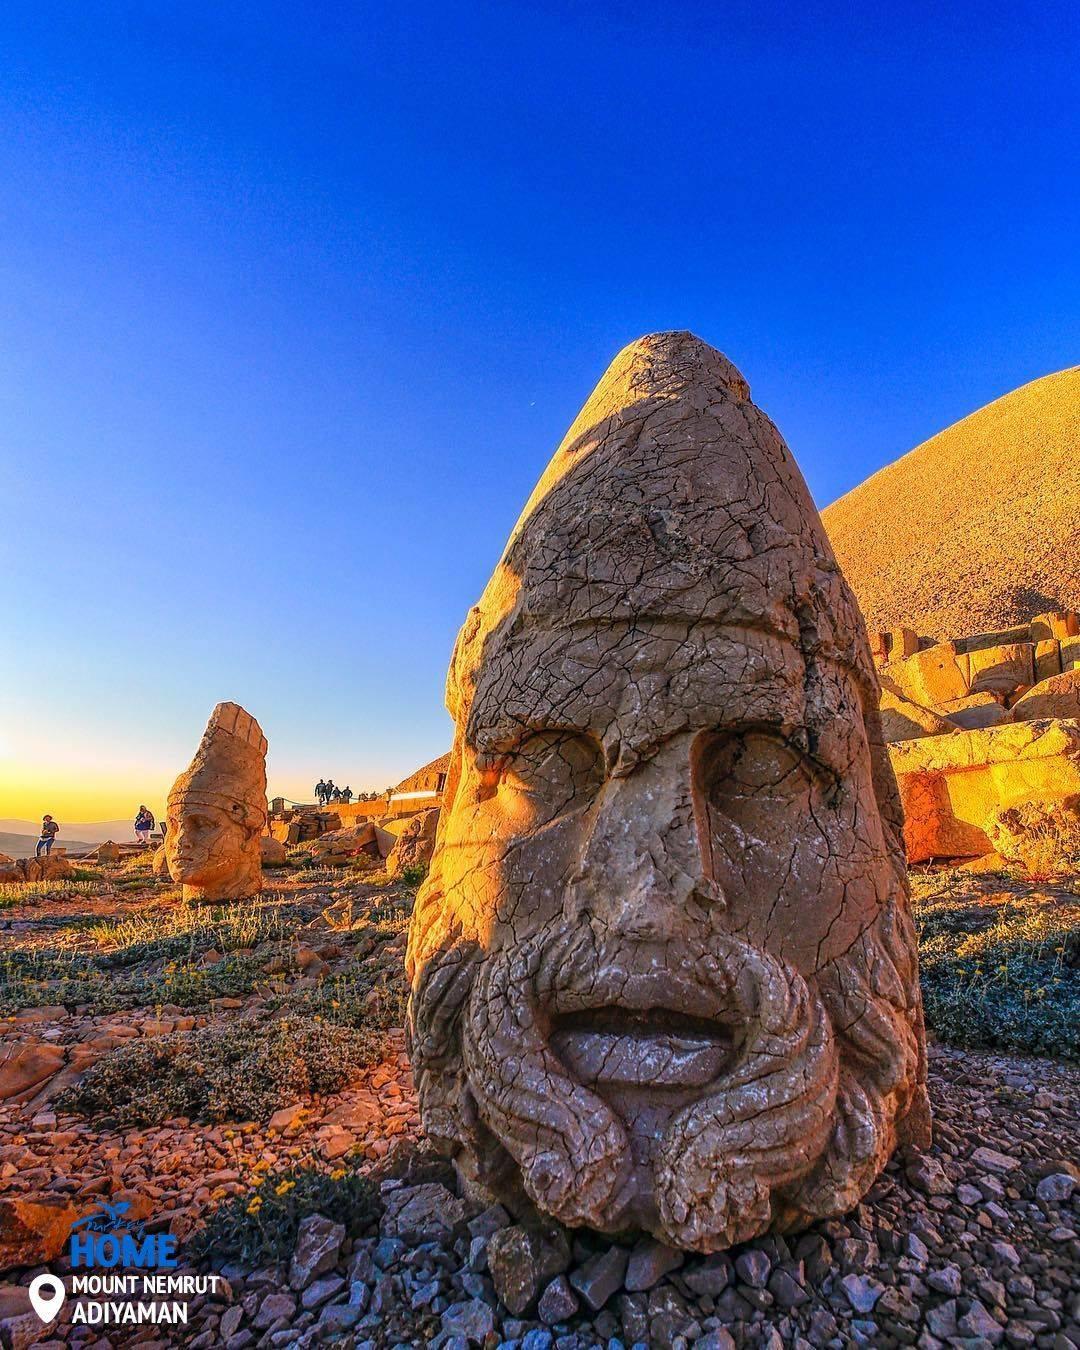 Mount Nemrut, Adıyaman